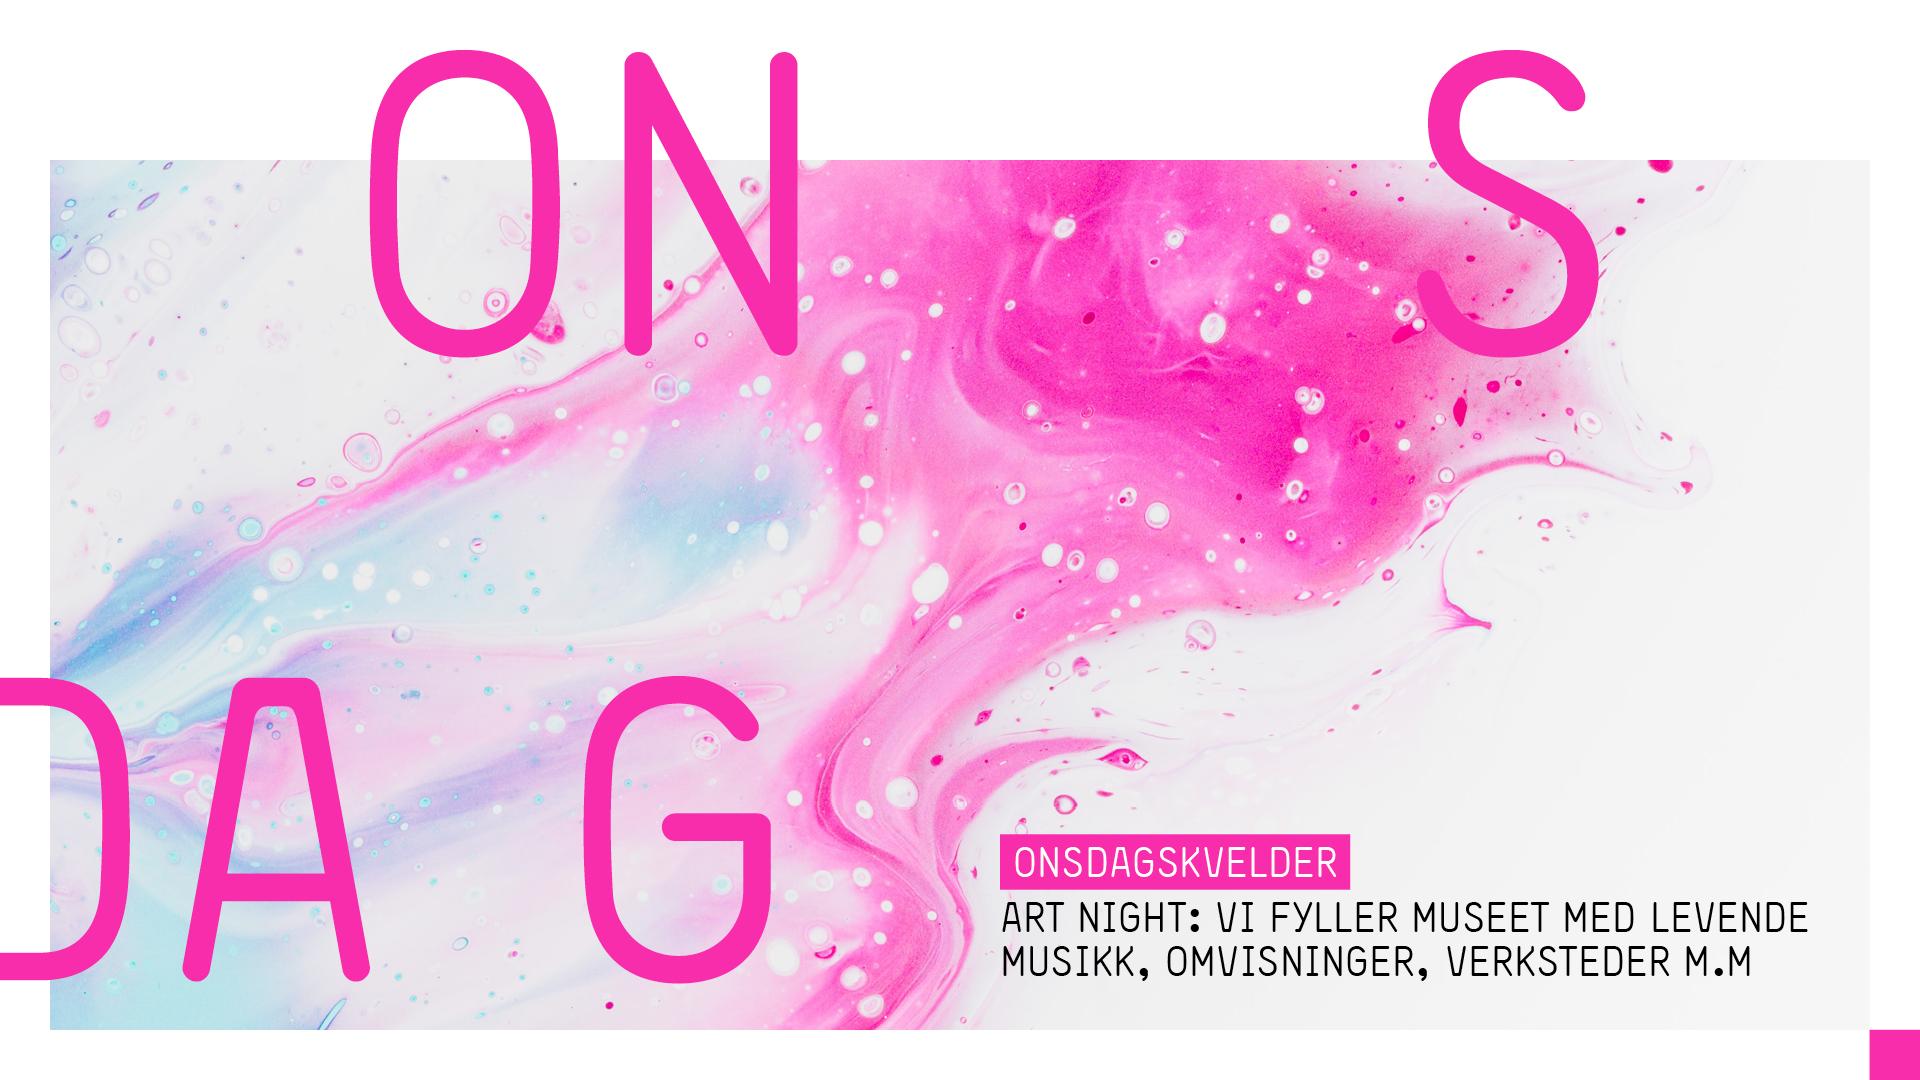 artnight sørlandets kunstmuseum omvisninger opplevelser konserter verksted